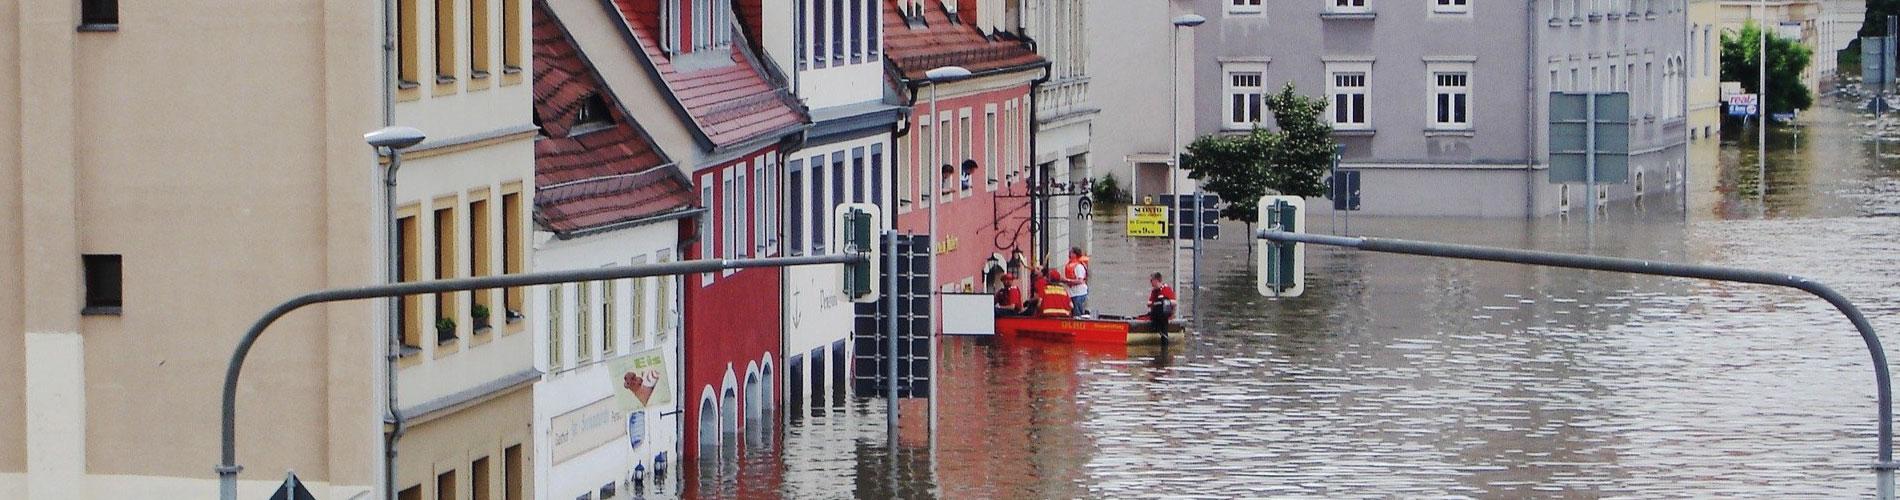 Sonderurlaub bei Hochwasser? Welche Rechte habe ich als Arbeitnehmer?